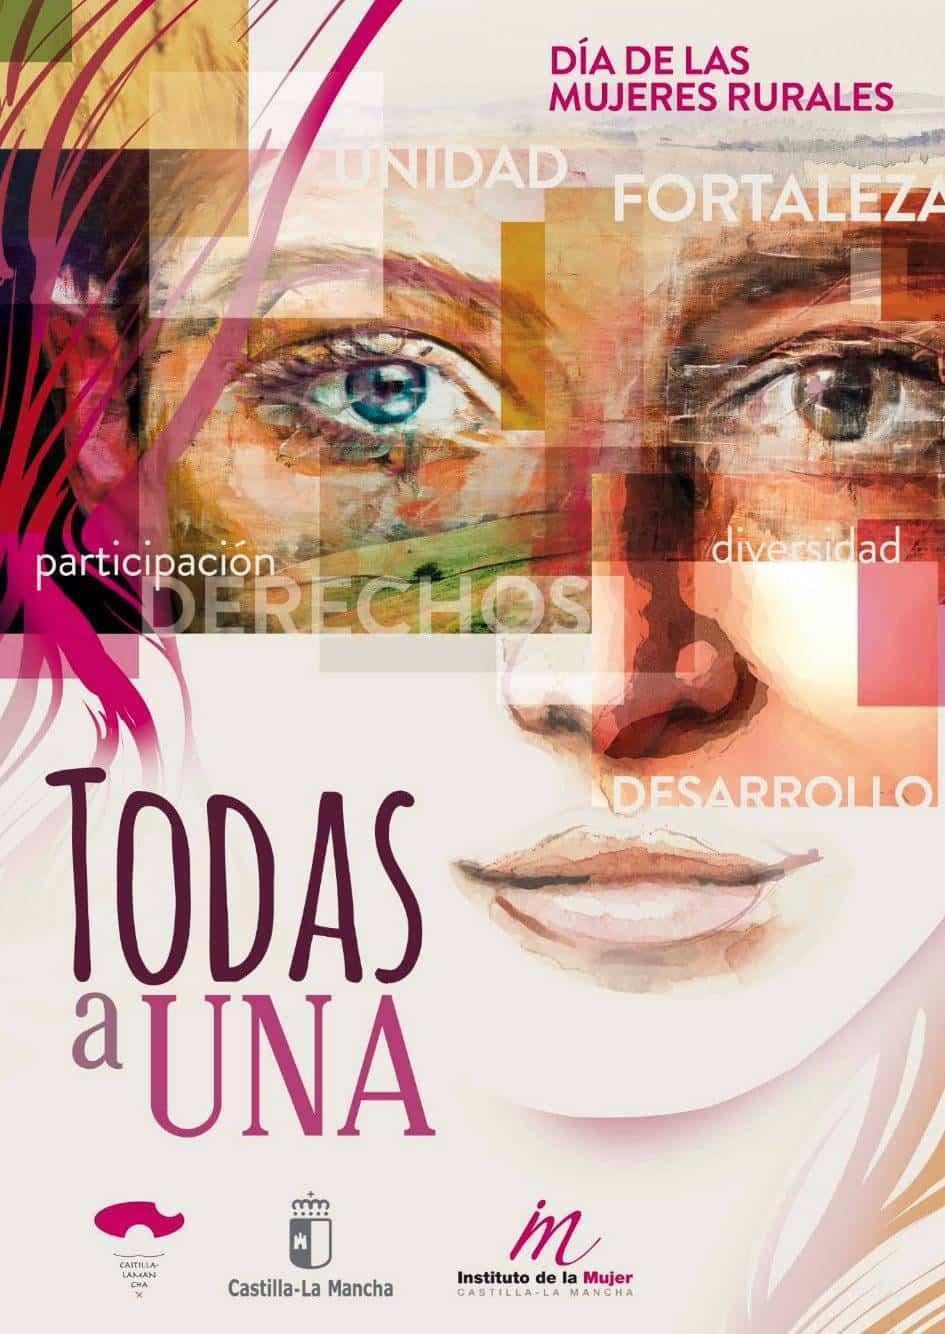 Conmemoración del Día Internacional de la Mujer Rural en Herencia 2